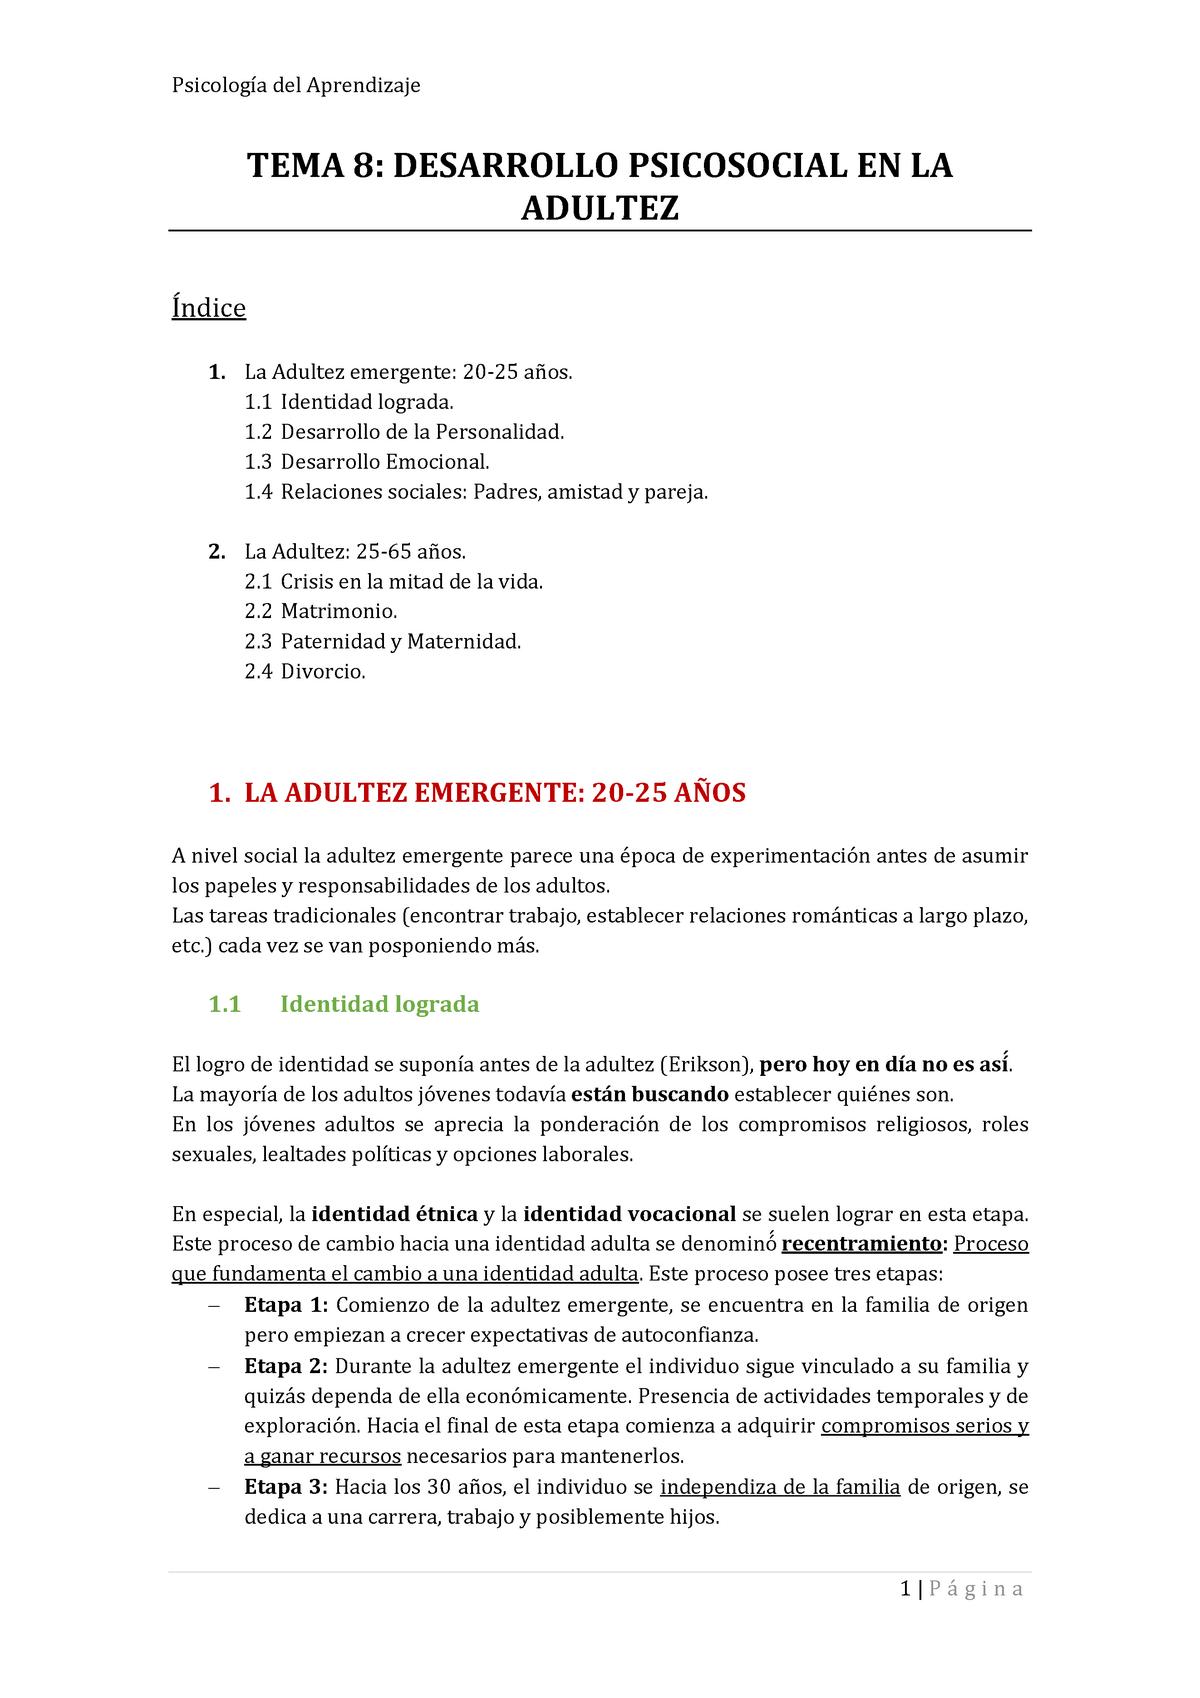 Tema 8 Grado En Psicología Comillas Studocu